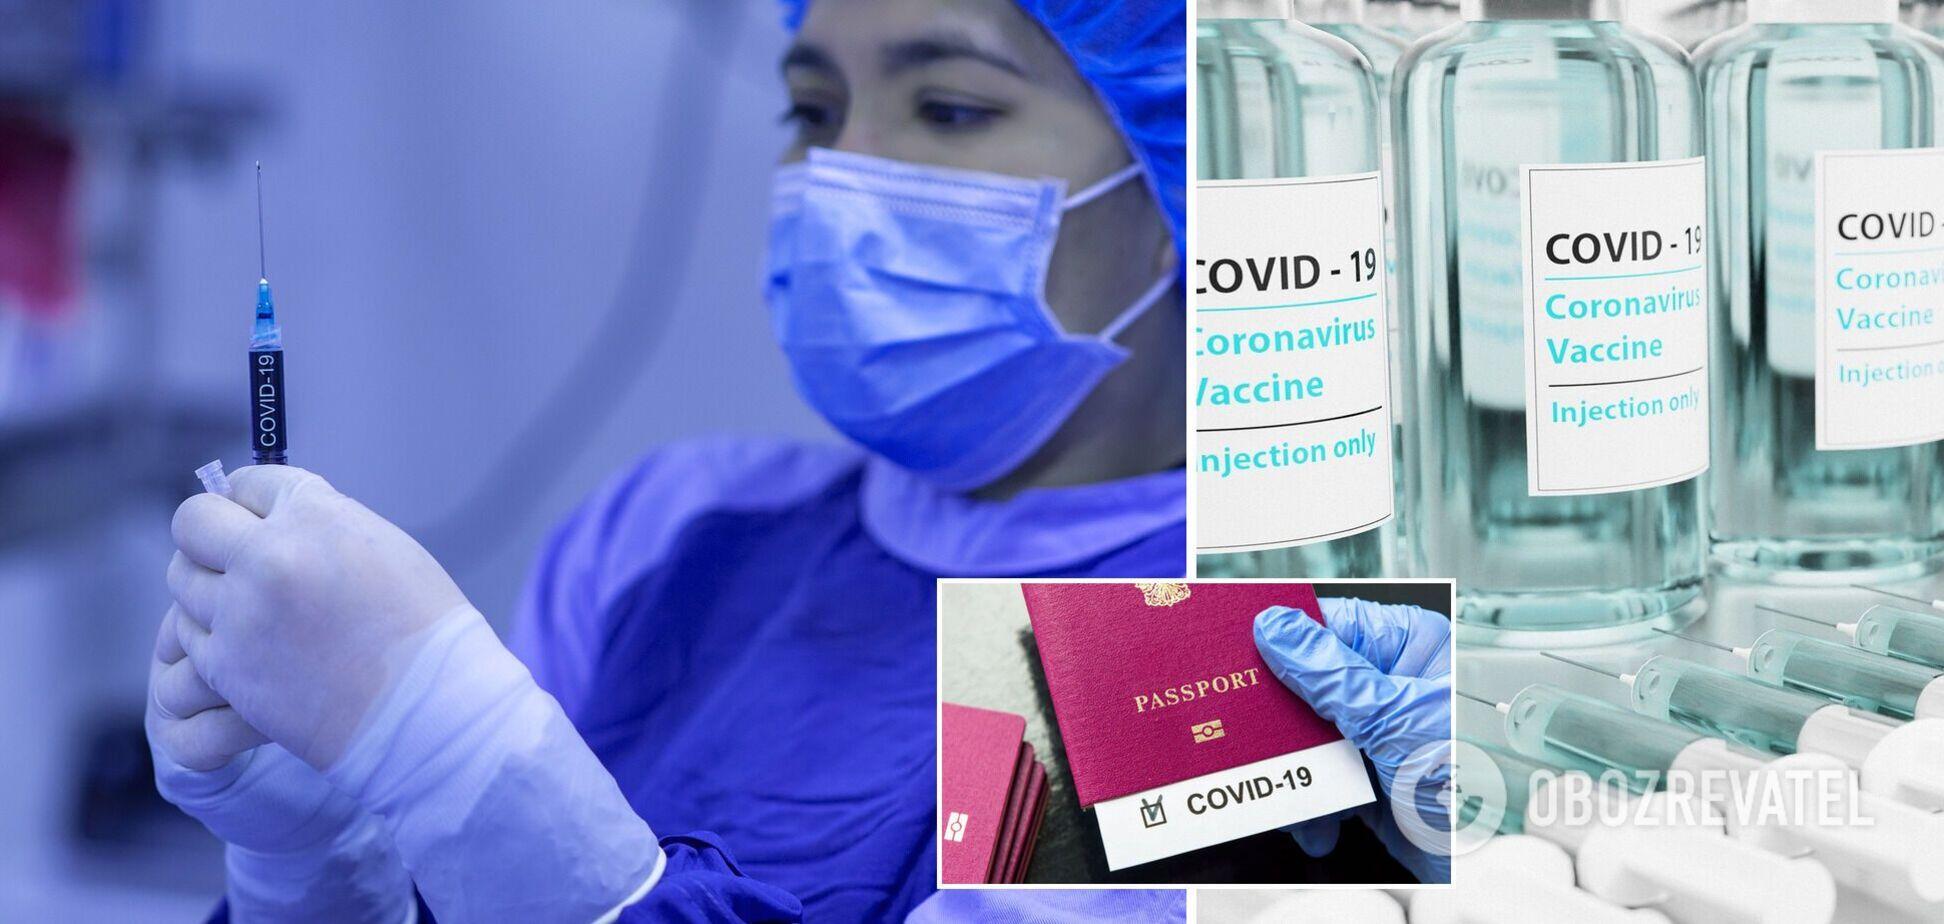 международный сертификат о вакцинации против COVID-19